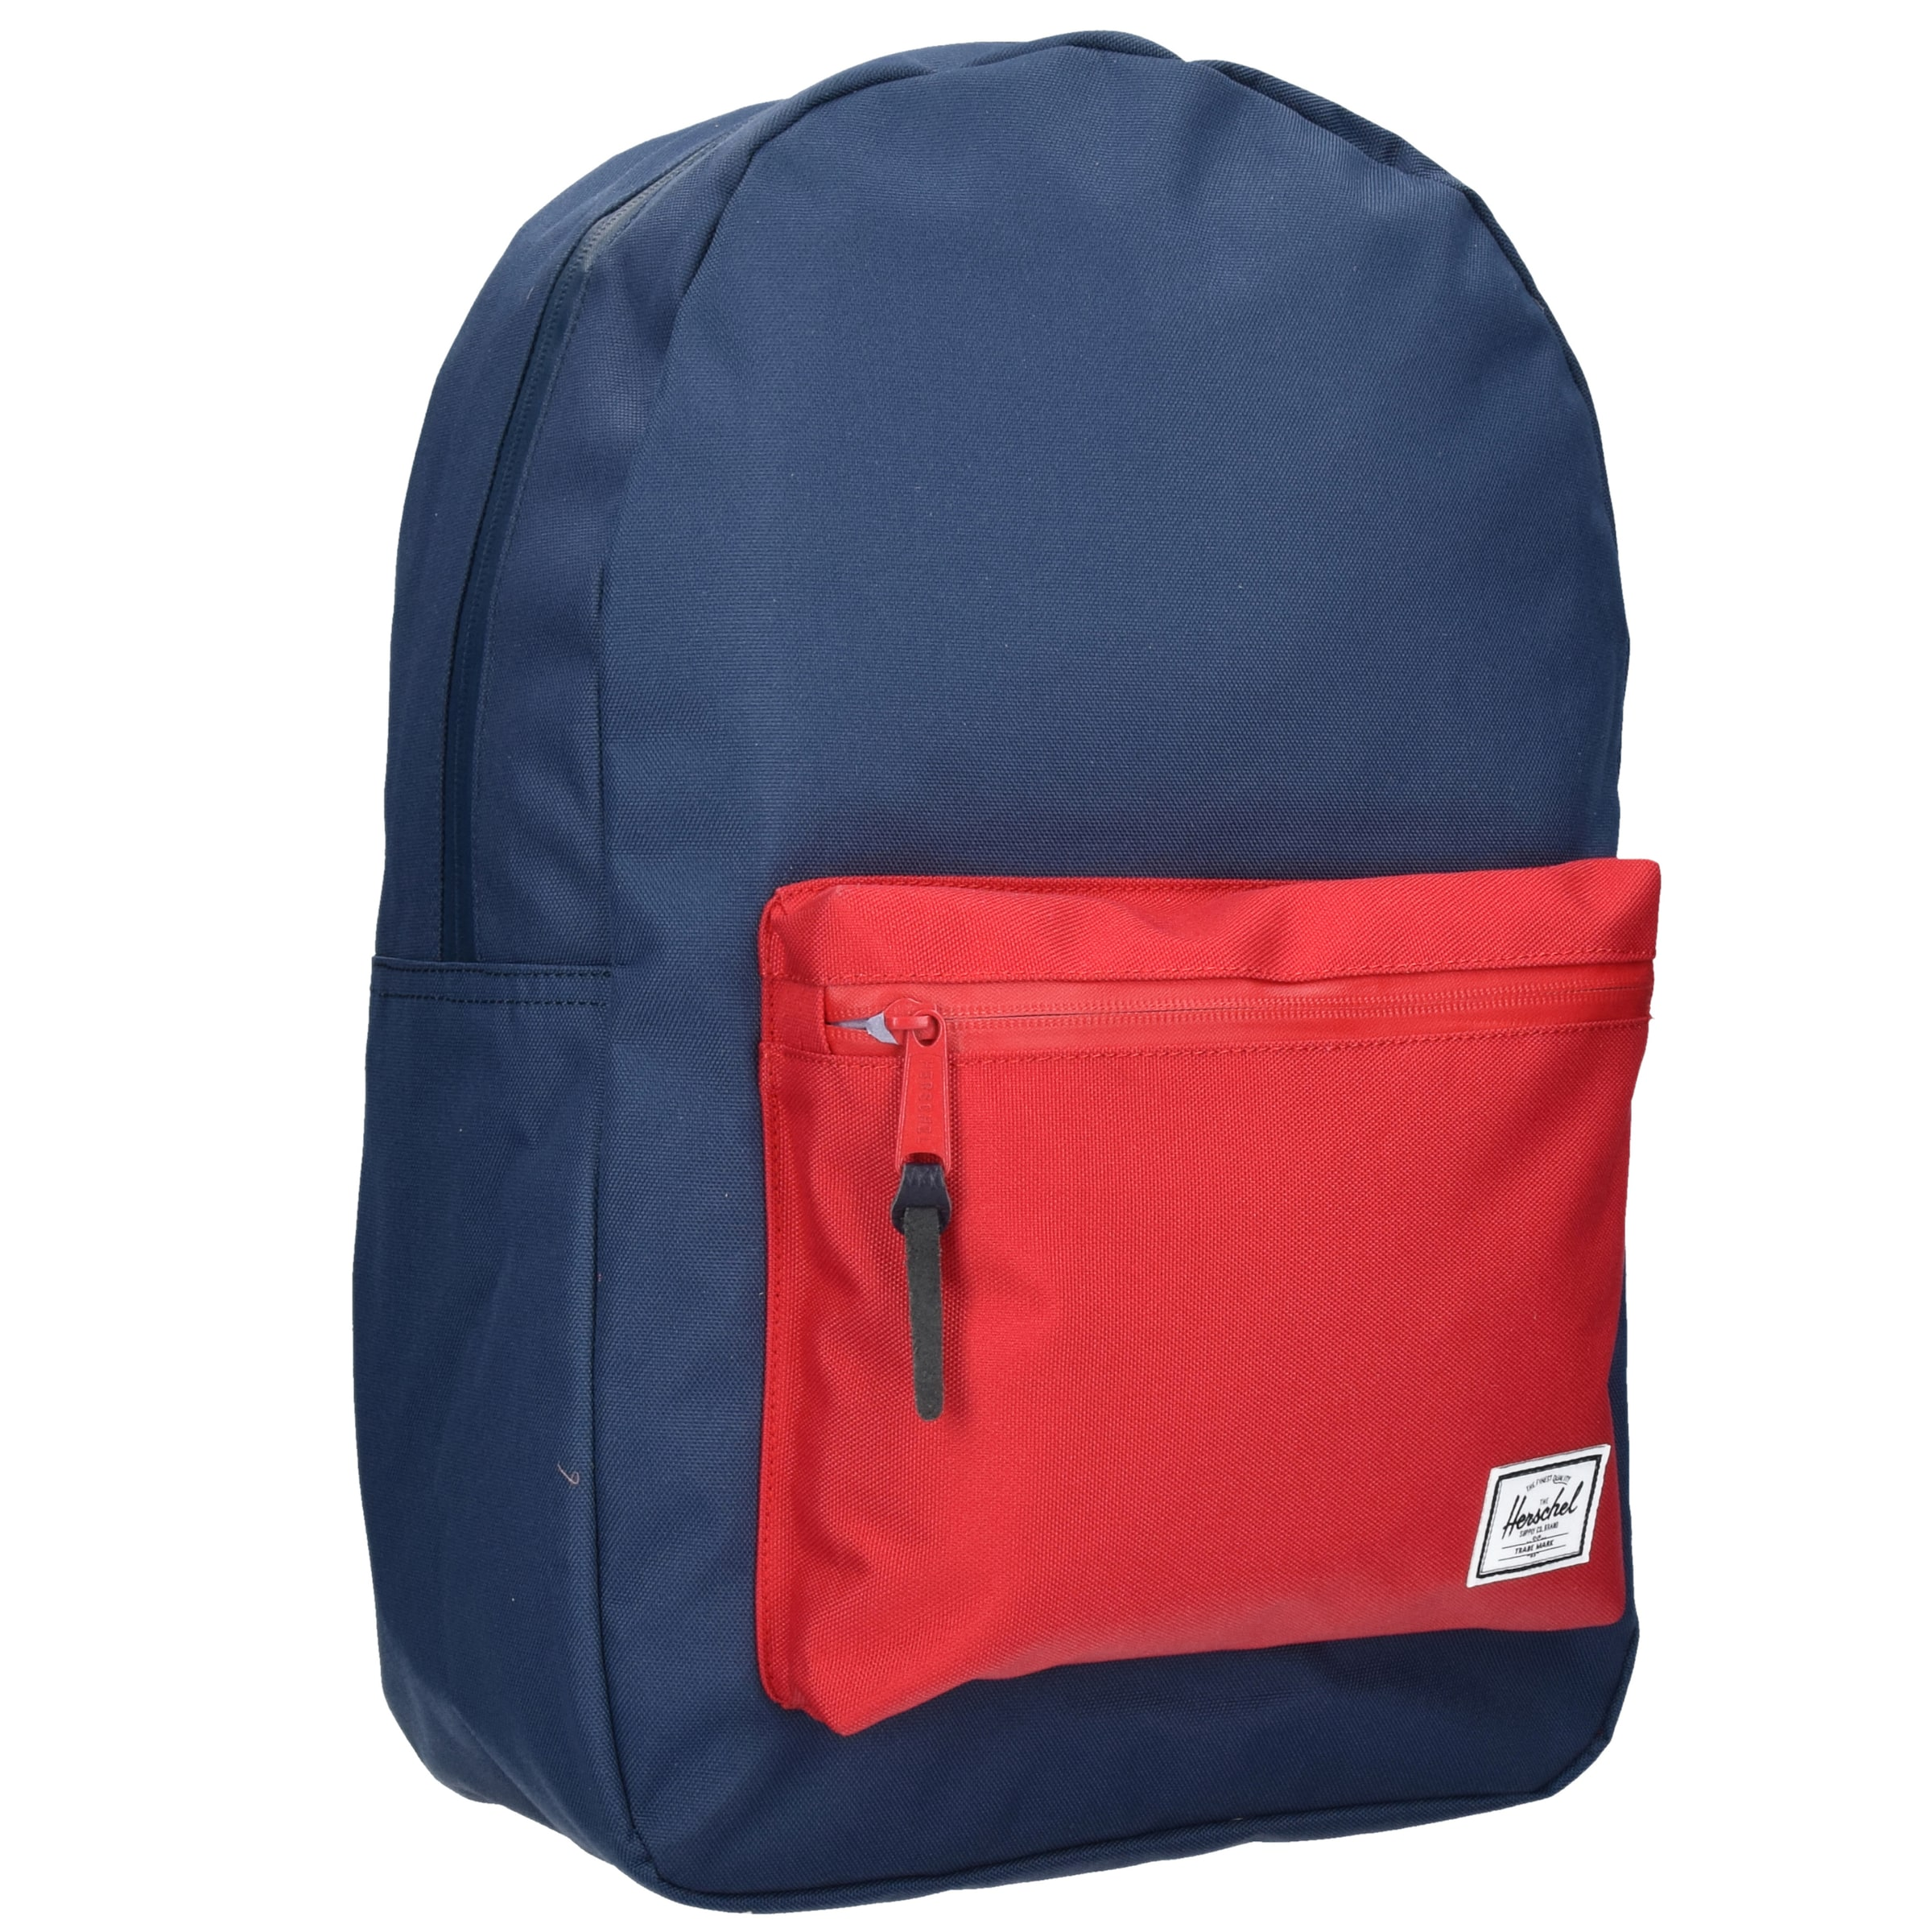 Grenze Angebot Billig Herschel Settlement Backpack Rucksack 44 cm Laptopfach Erstaunlicher Preis Visa-Zahlung Verkauf Truhe Finish Billig Verkauf Fabrikverkauf zmRmX2AtxF